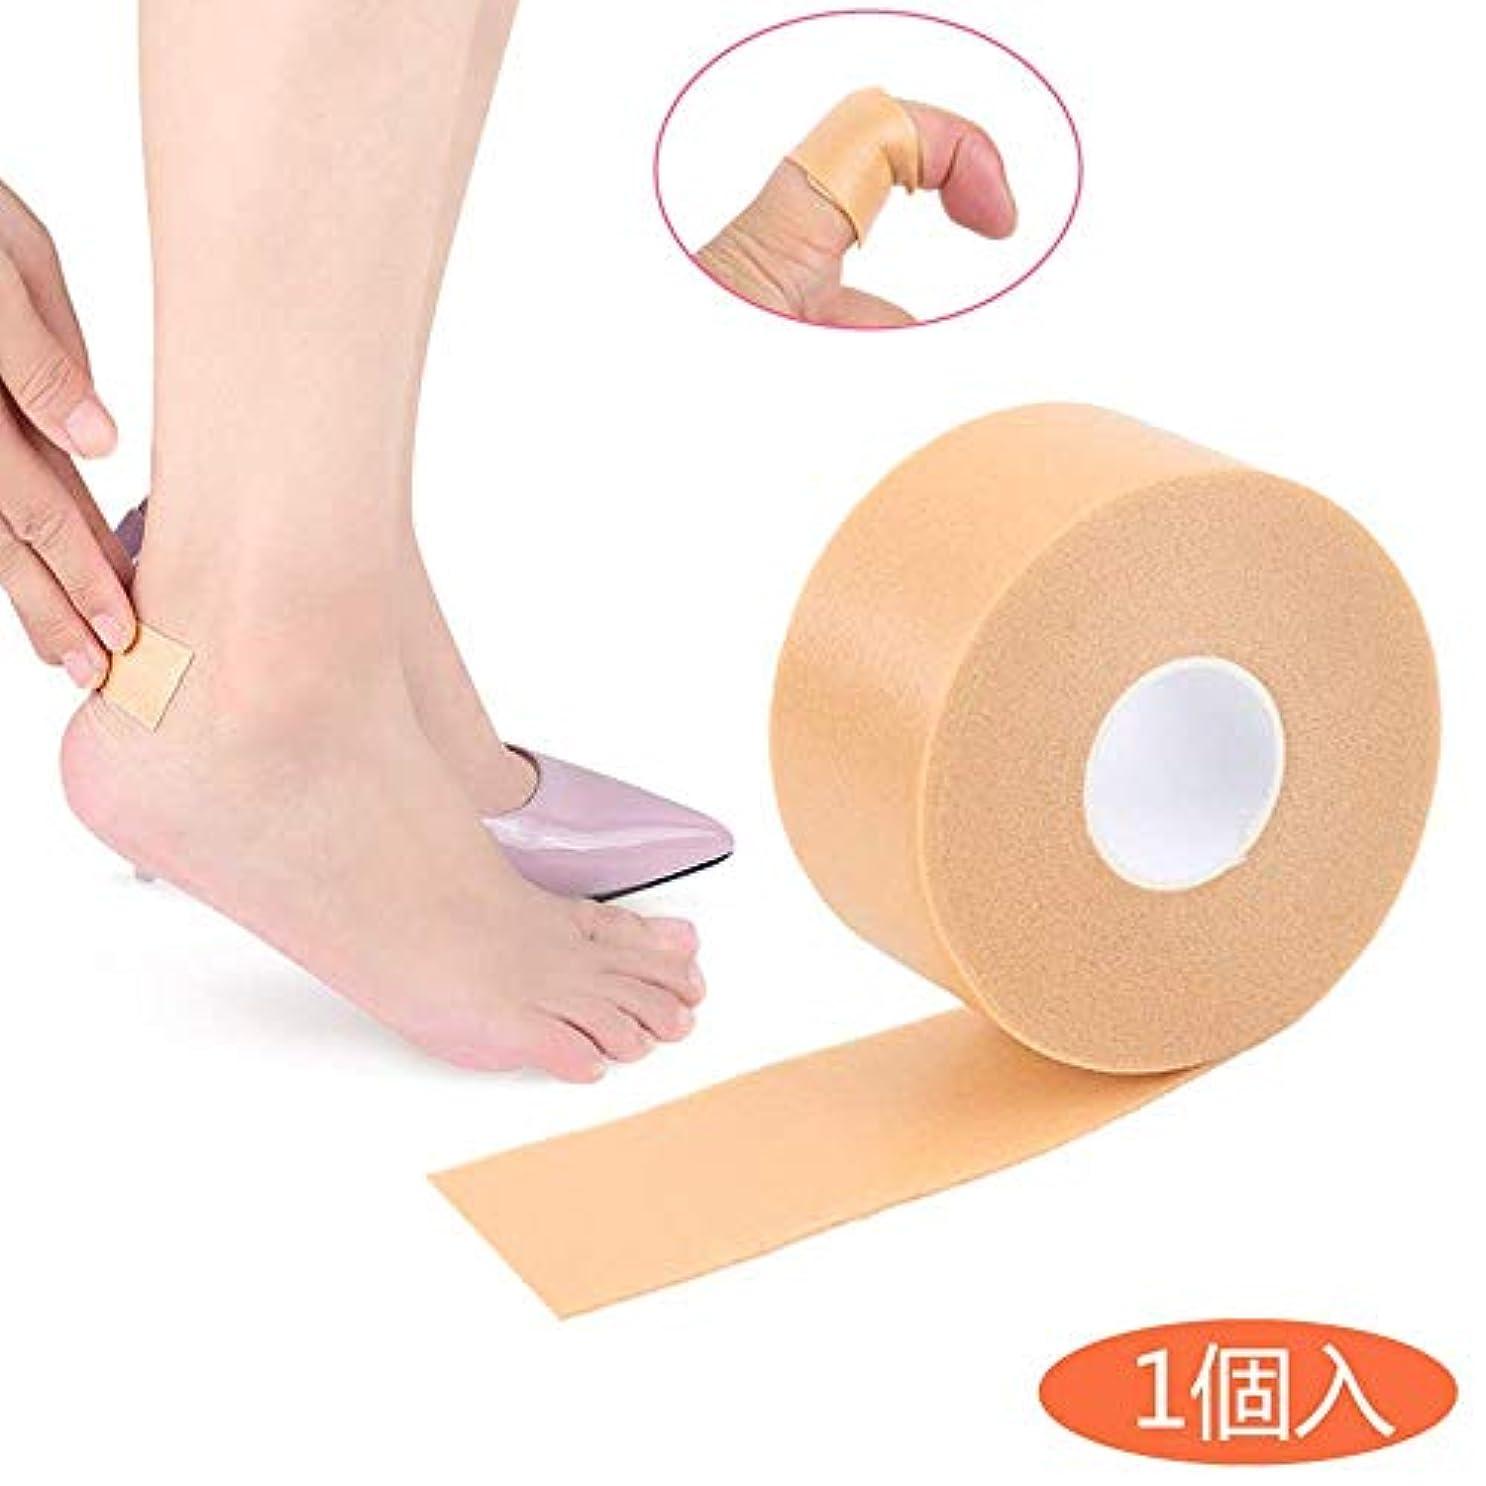 一杯ミネラル保有者[HonLena] 靴擦れ防止テープ ケアリーブ くつずれ防止 パッド 粘着 4.5m 肌色